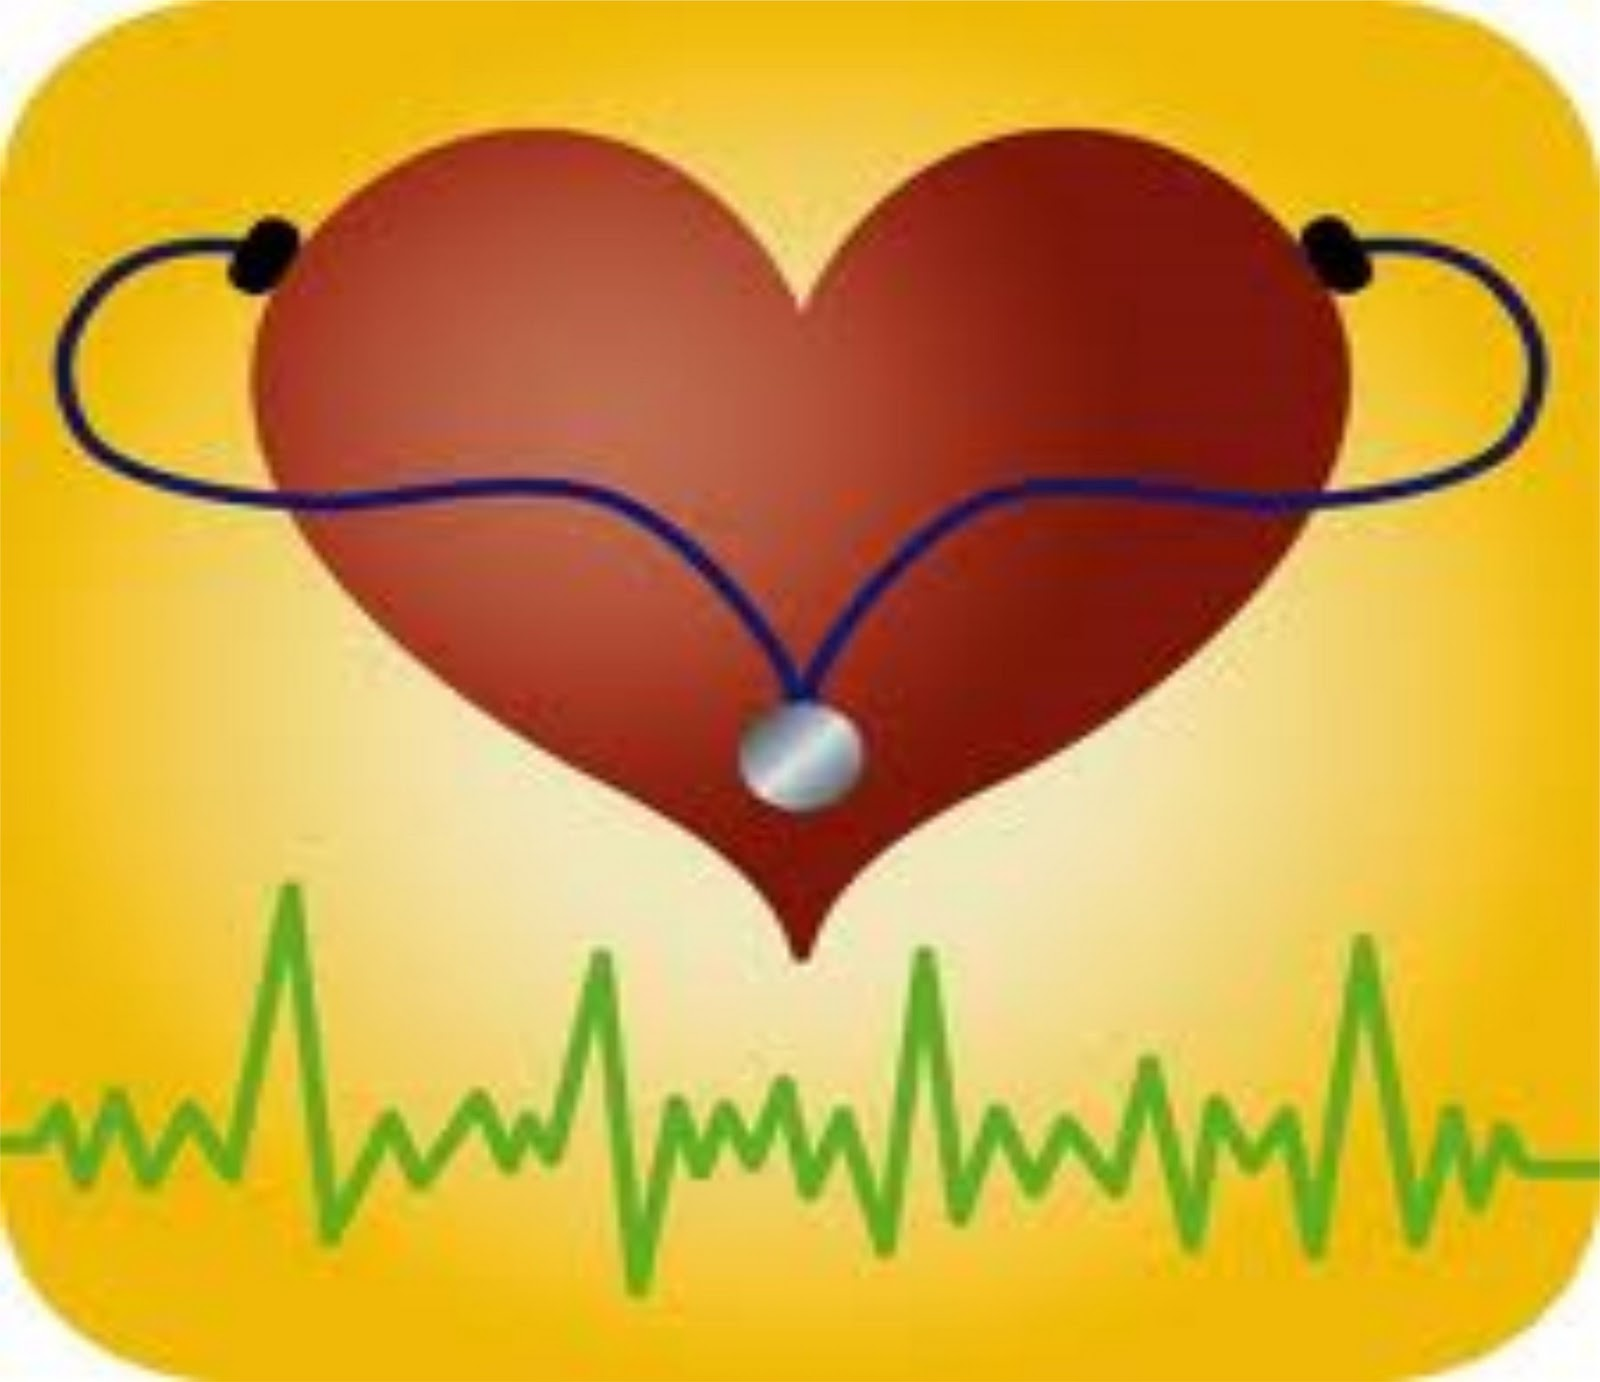 frecuencia cardiaca: